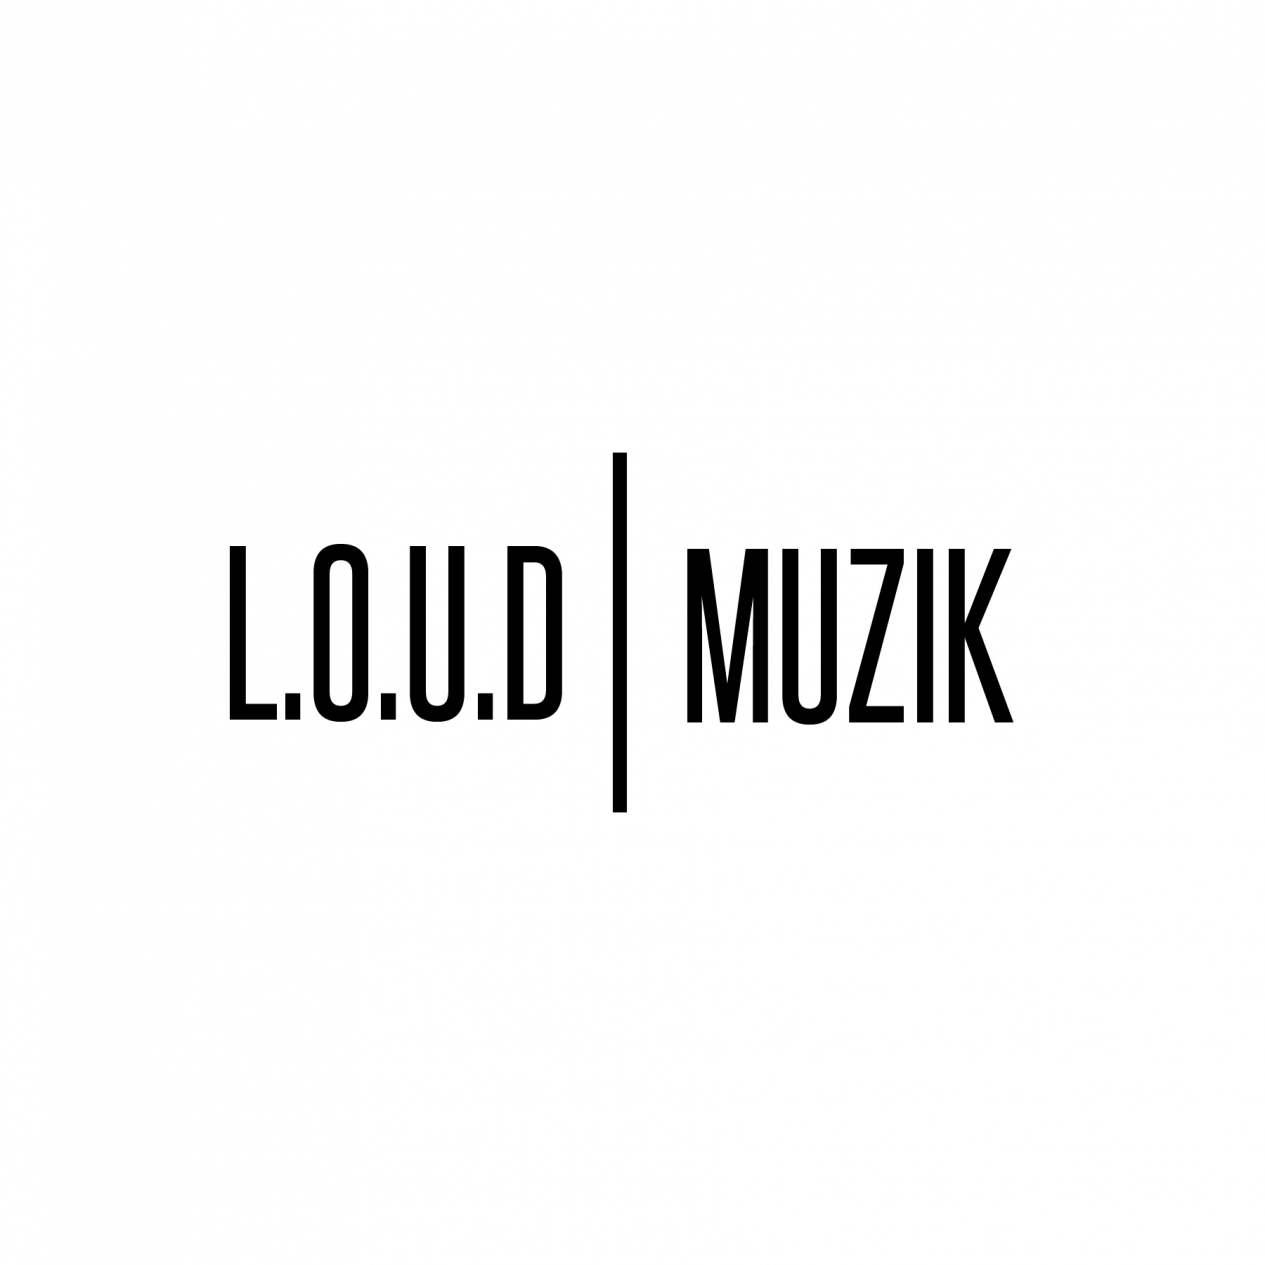 L.O.U.D. Muzik/#LiveOutUrDreams Logo